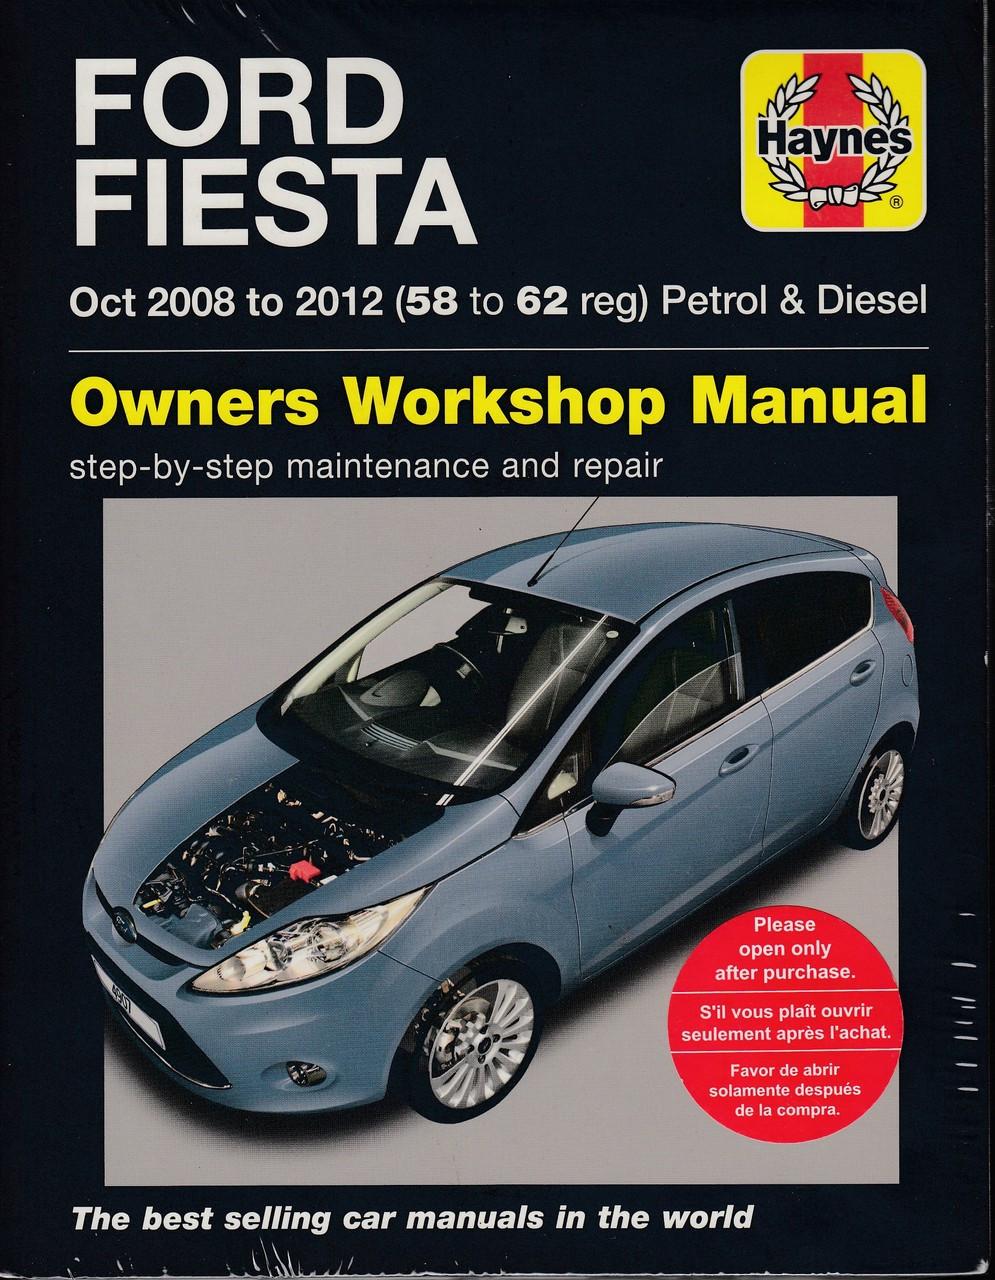 Ford Fiesta 1.25L, 1.4L, 1.6L Petrol & 1.4L, 1.6